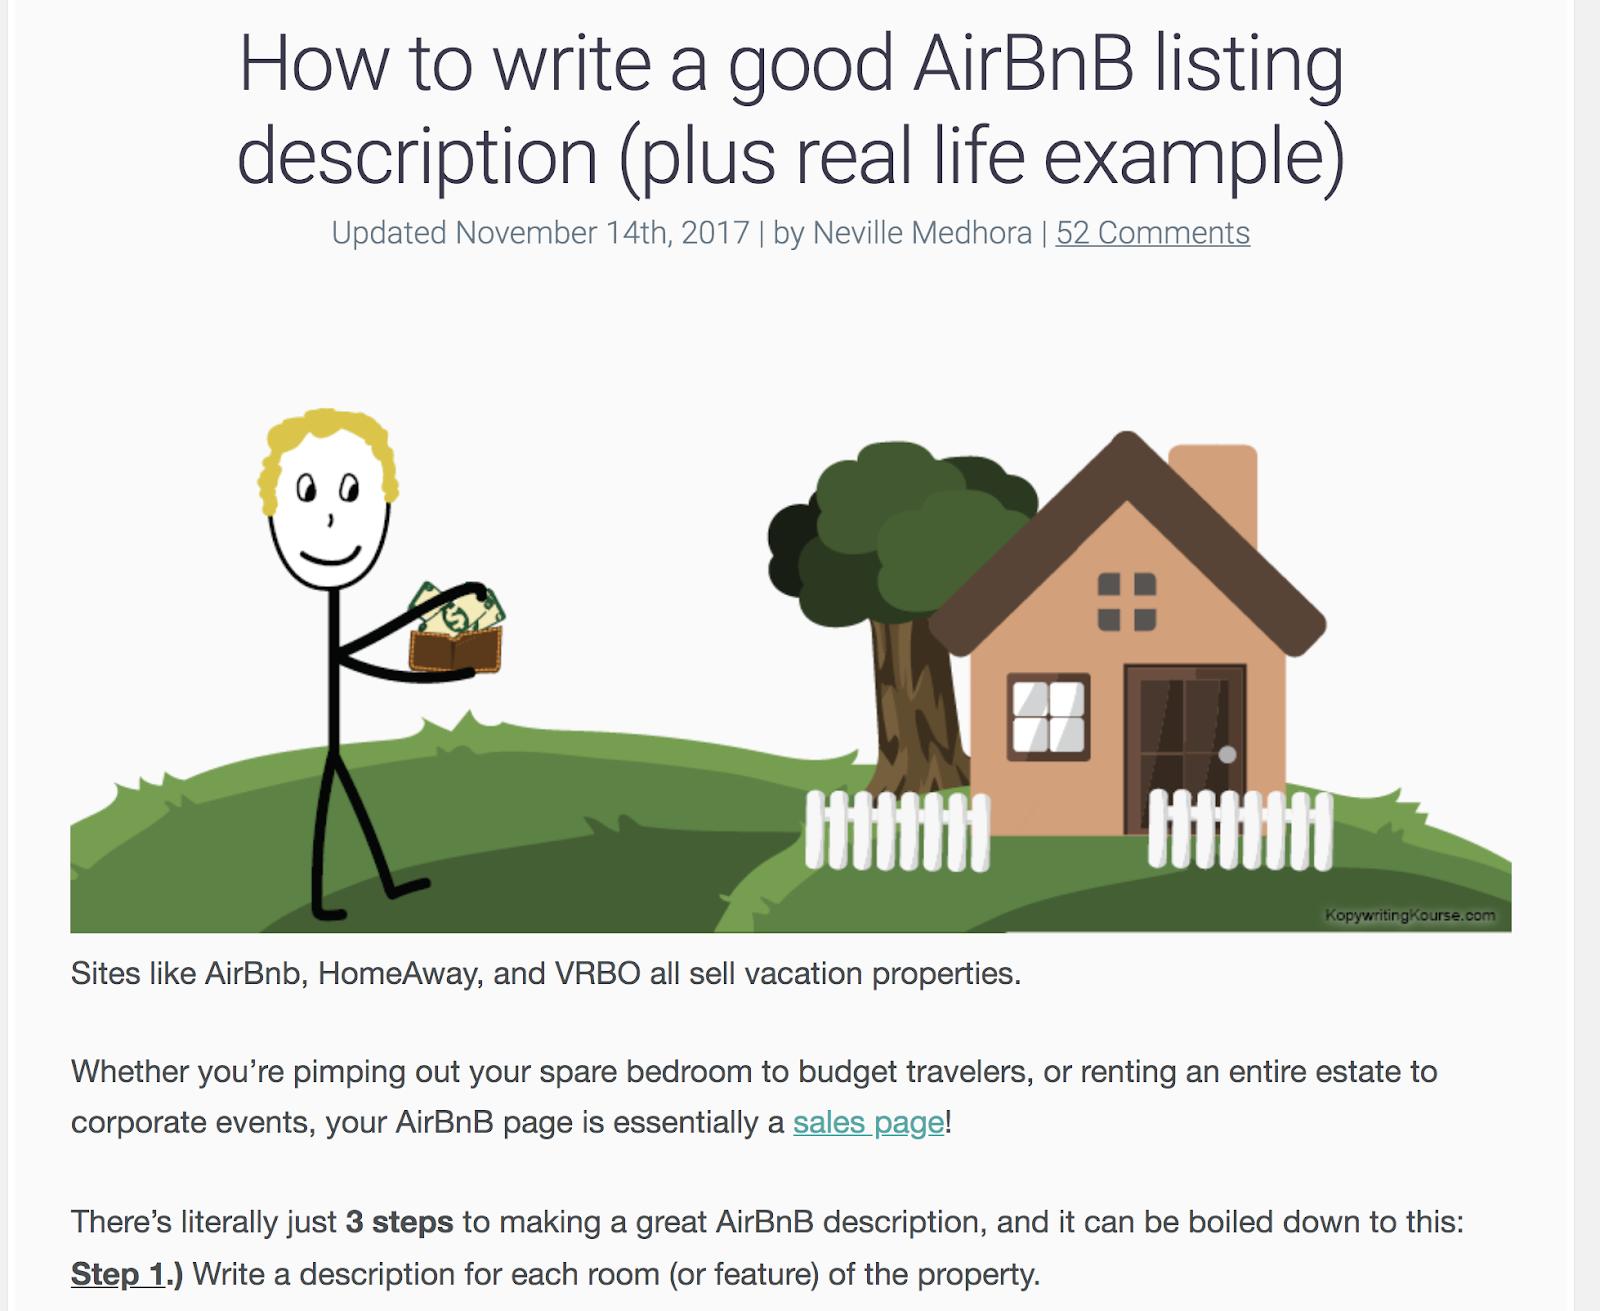 réécrire une proposition AirBnB